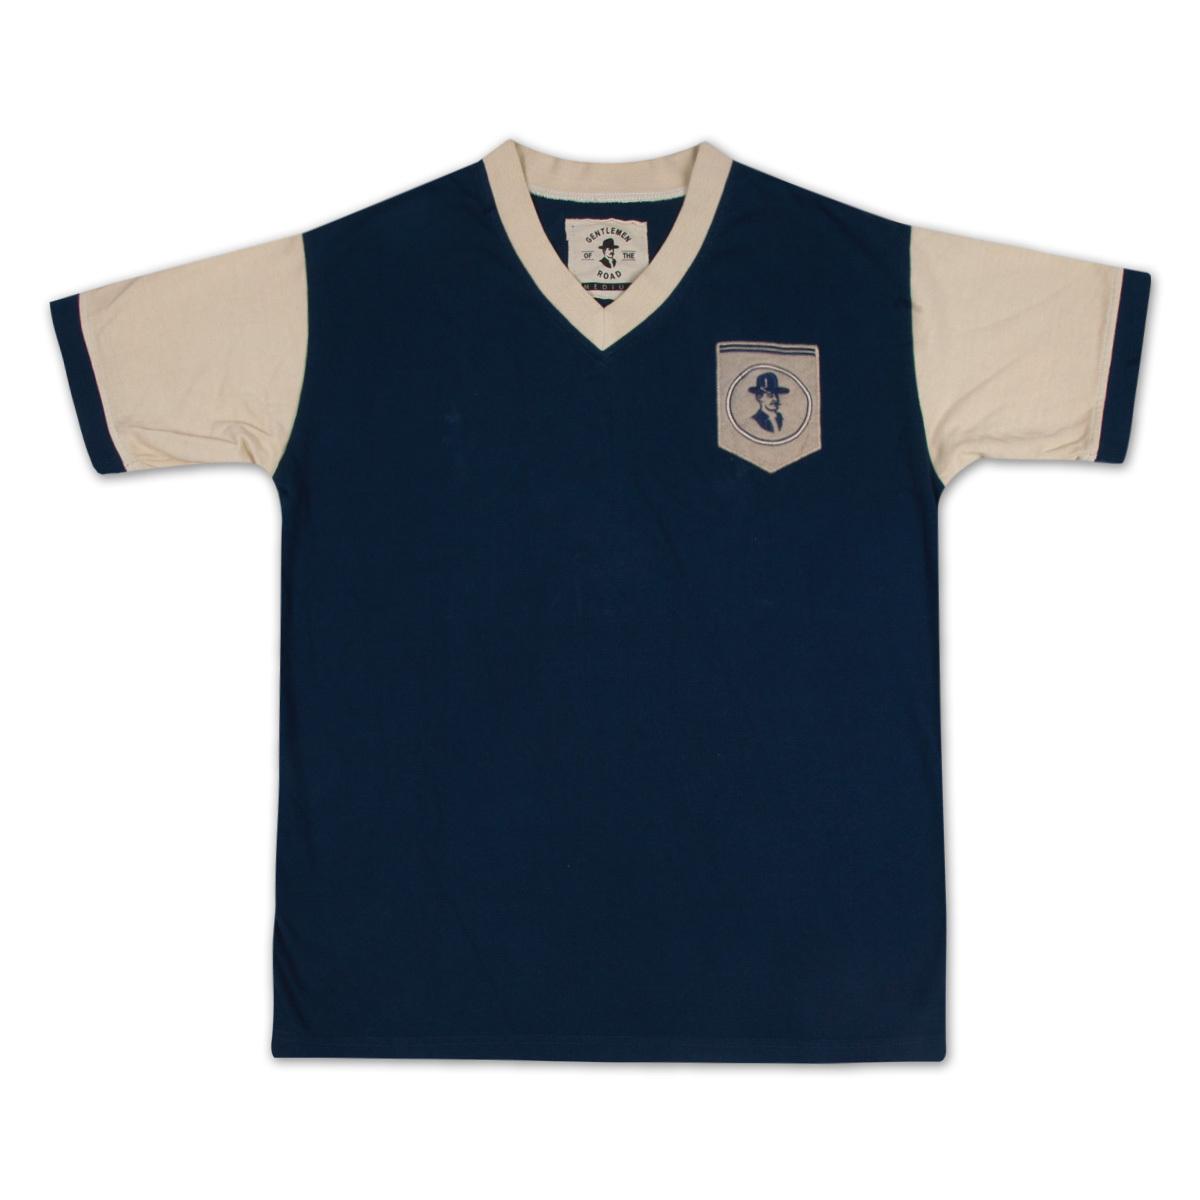 GOTR Custom Football Jersey - NAVY